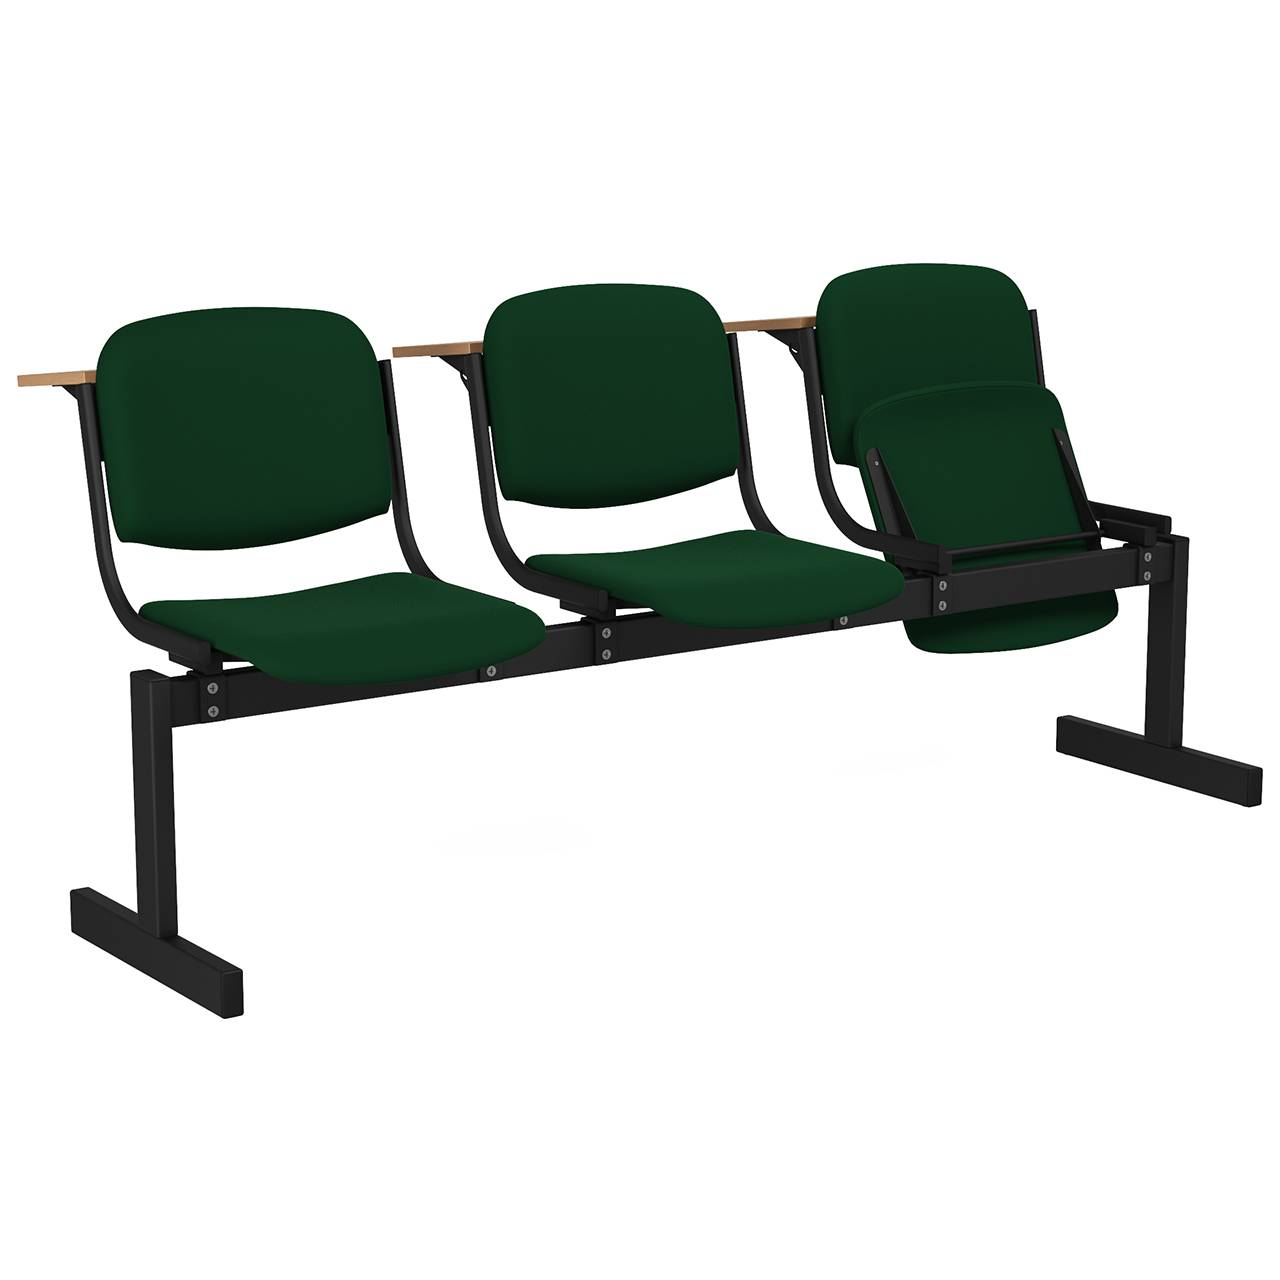 3-местный, откидывающиеся сиденья, мягкий, лекционный черный зеленый Флок